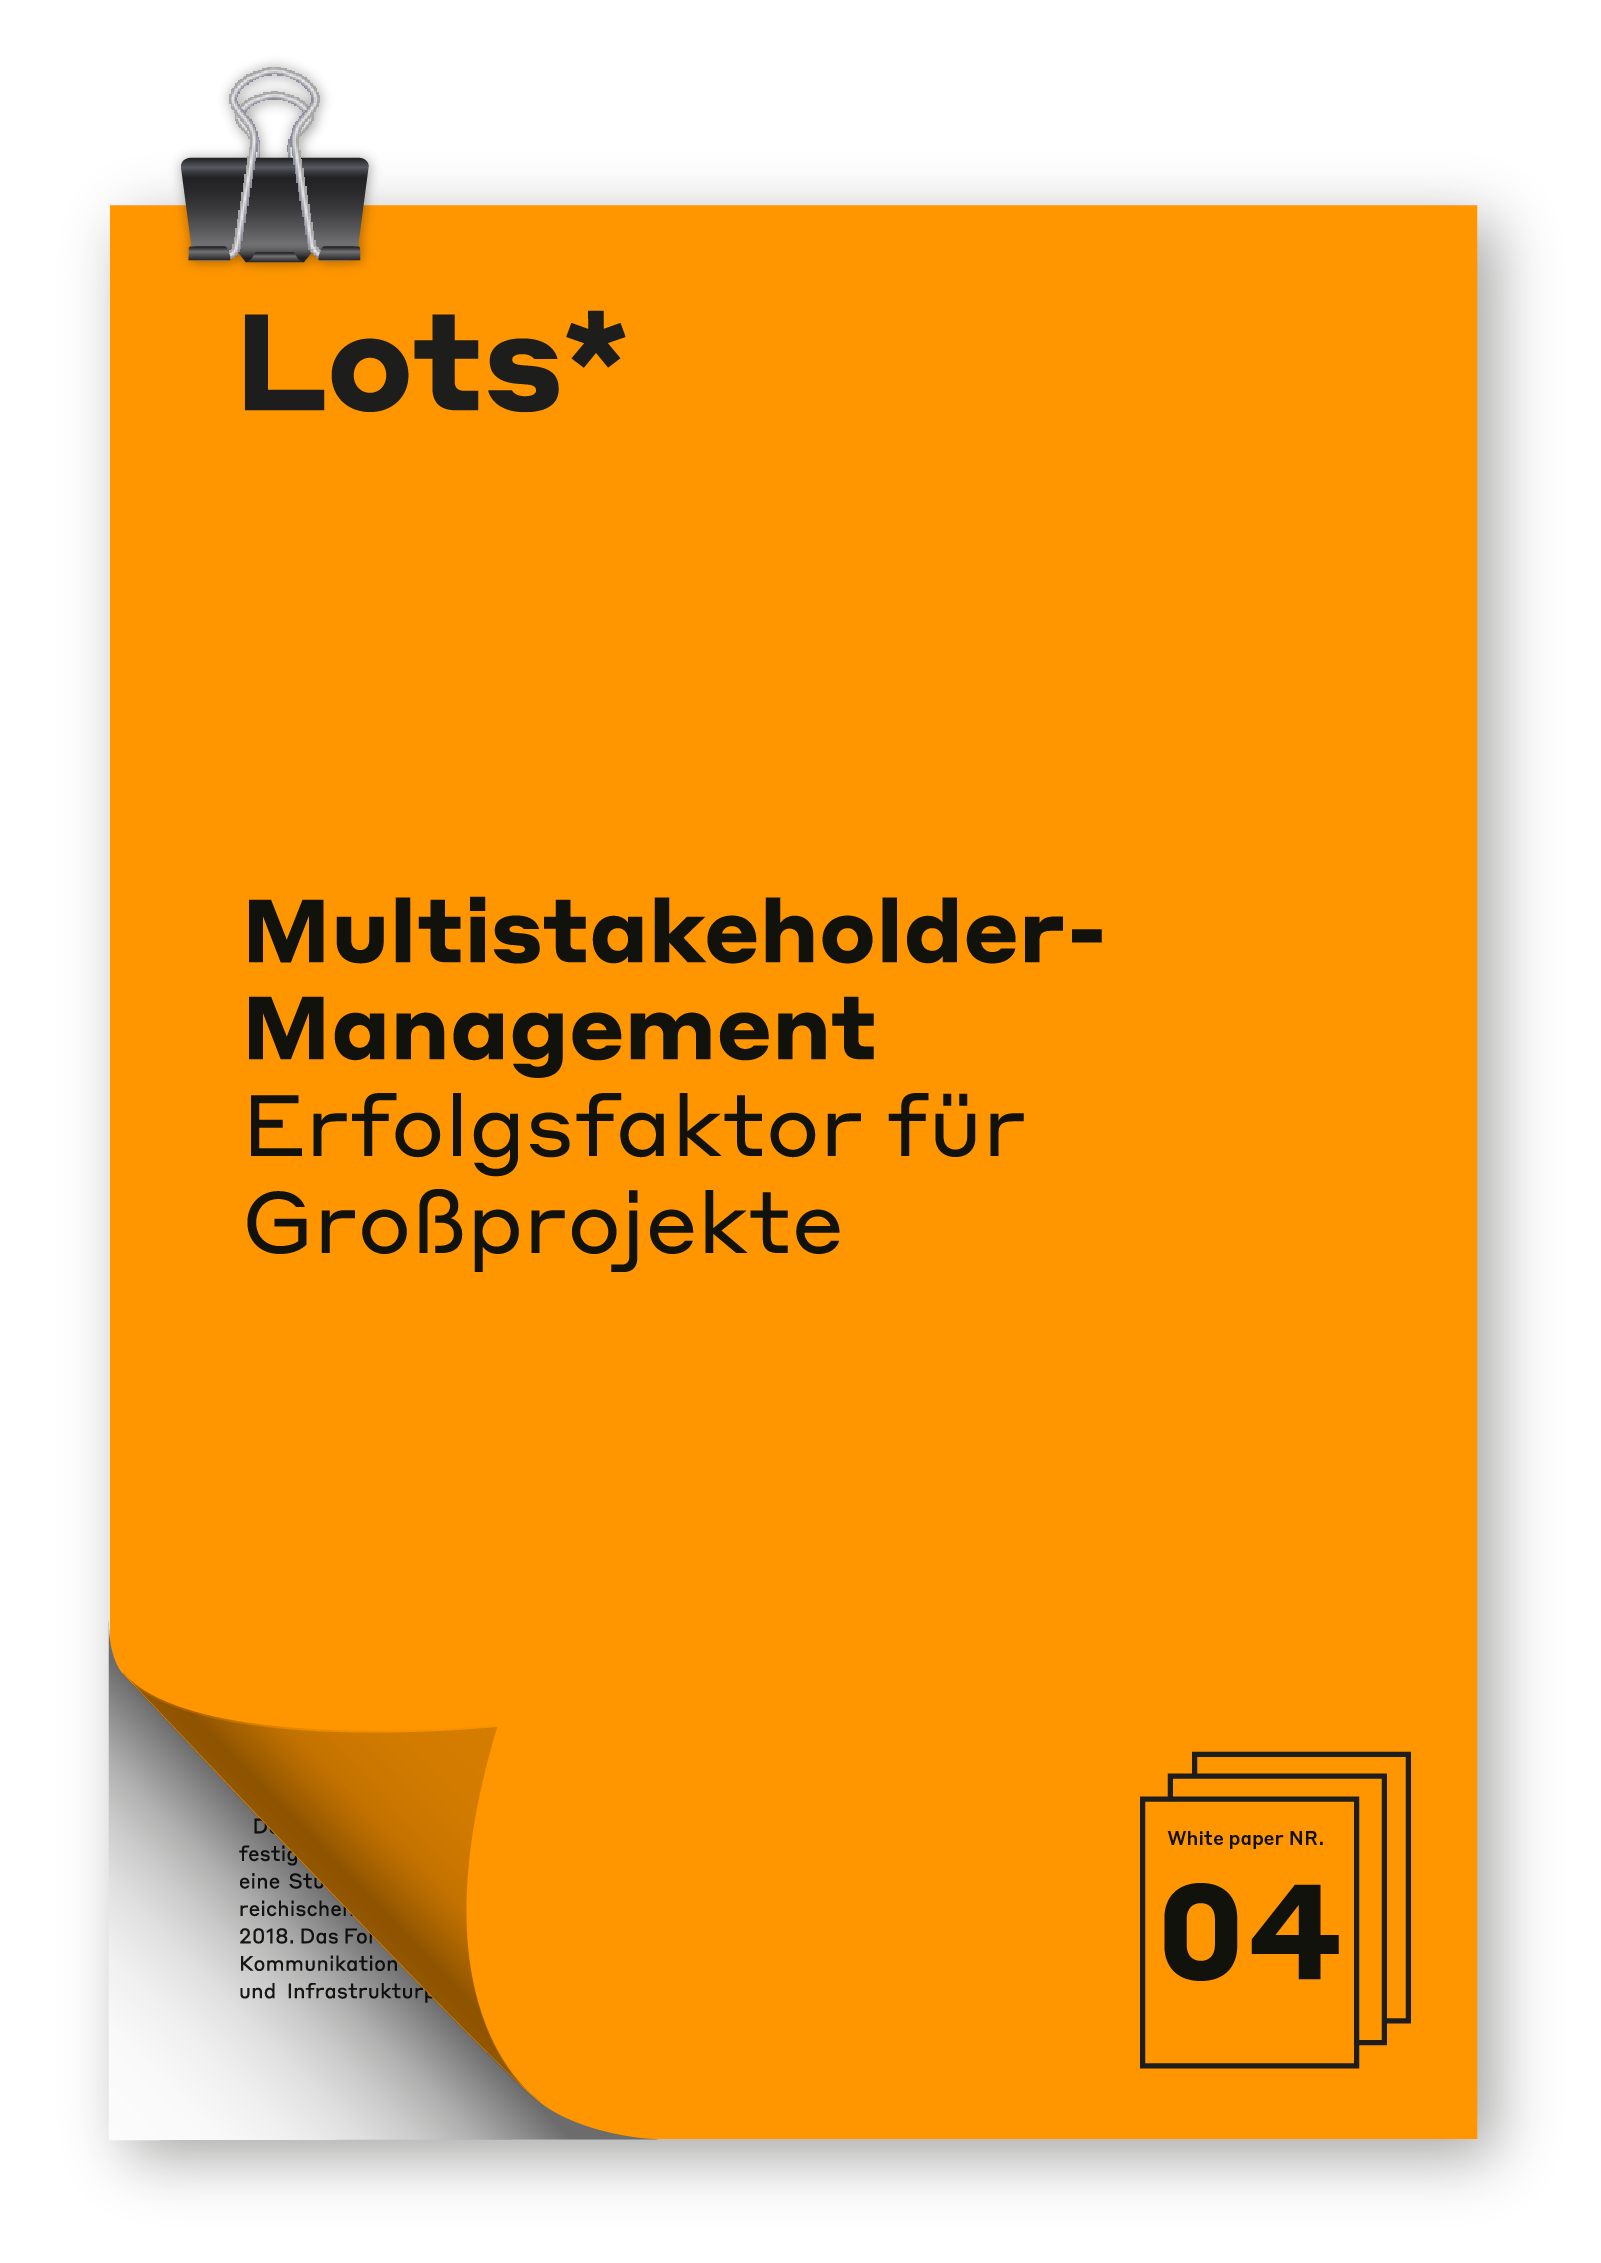 WP_Multistakeholder-1